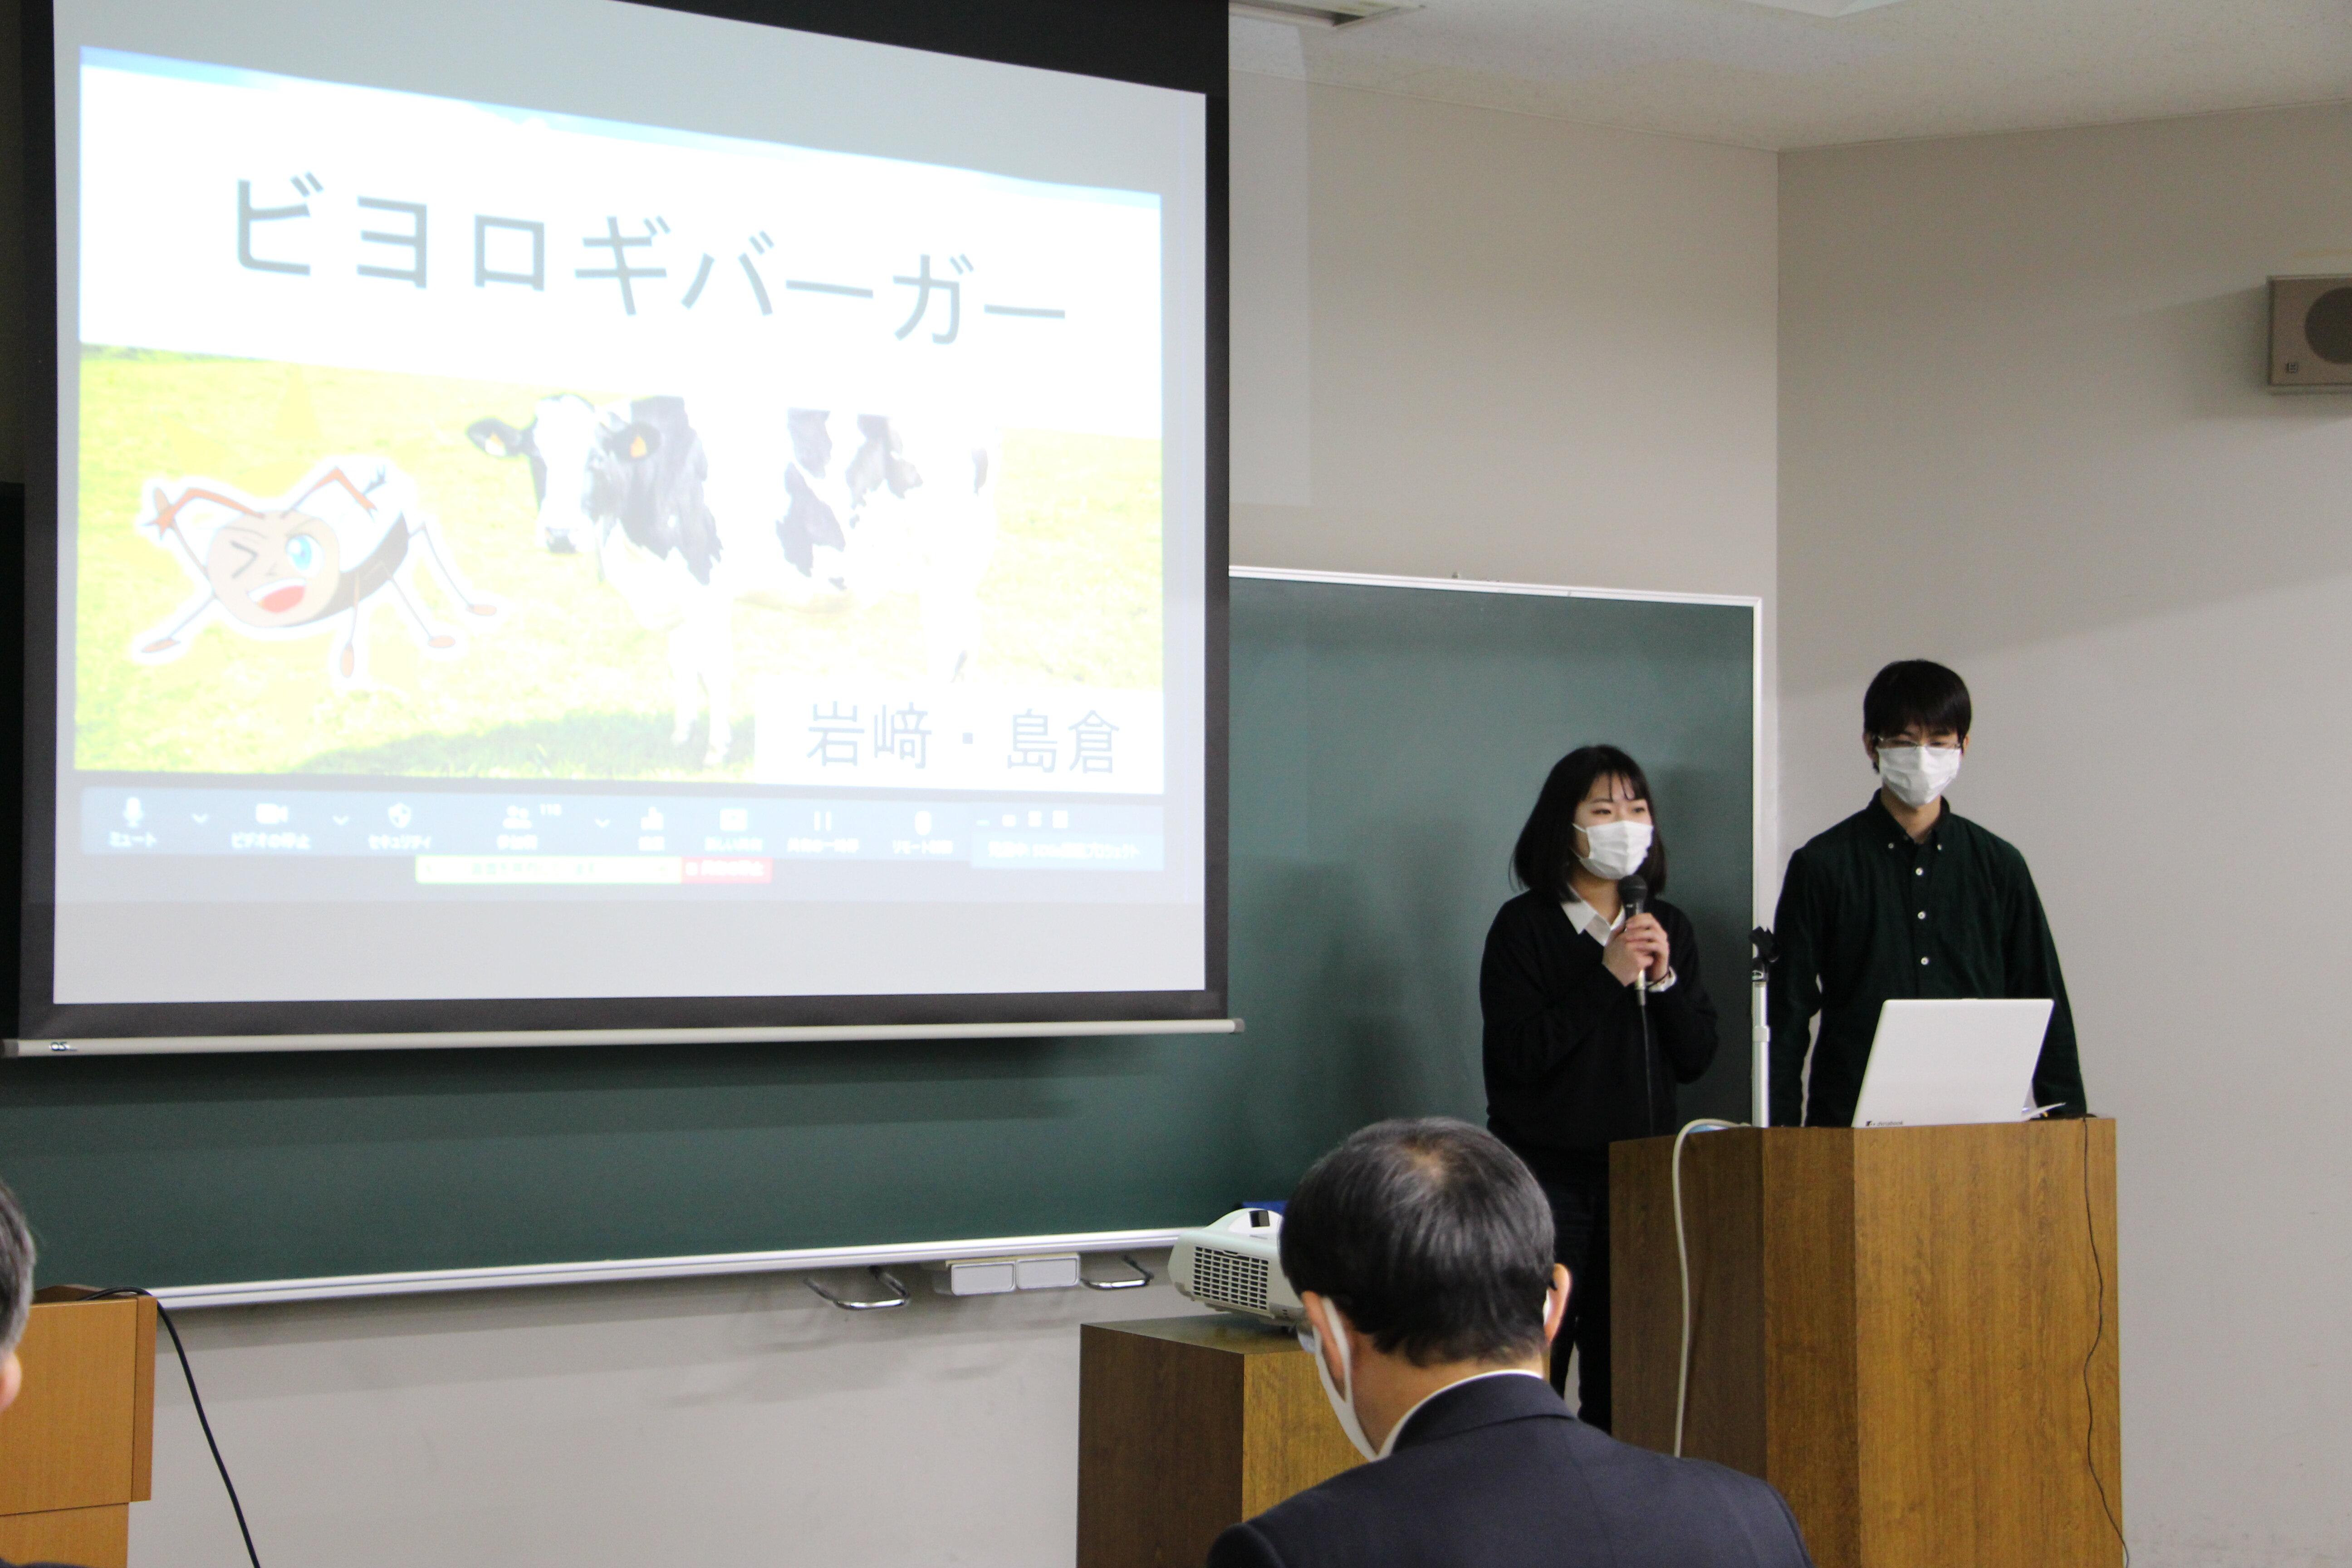 【開催報告】SDGsフォーラム2020学生プレゼンコンテスト